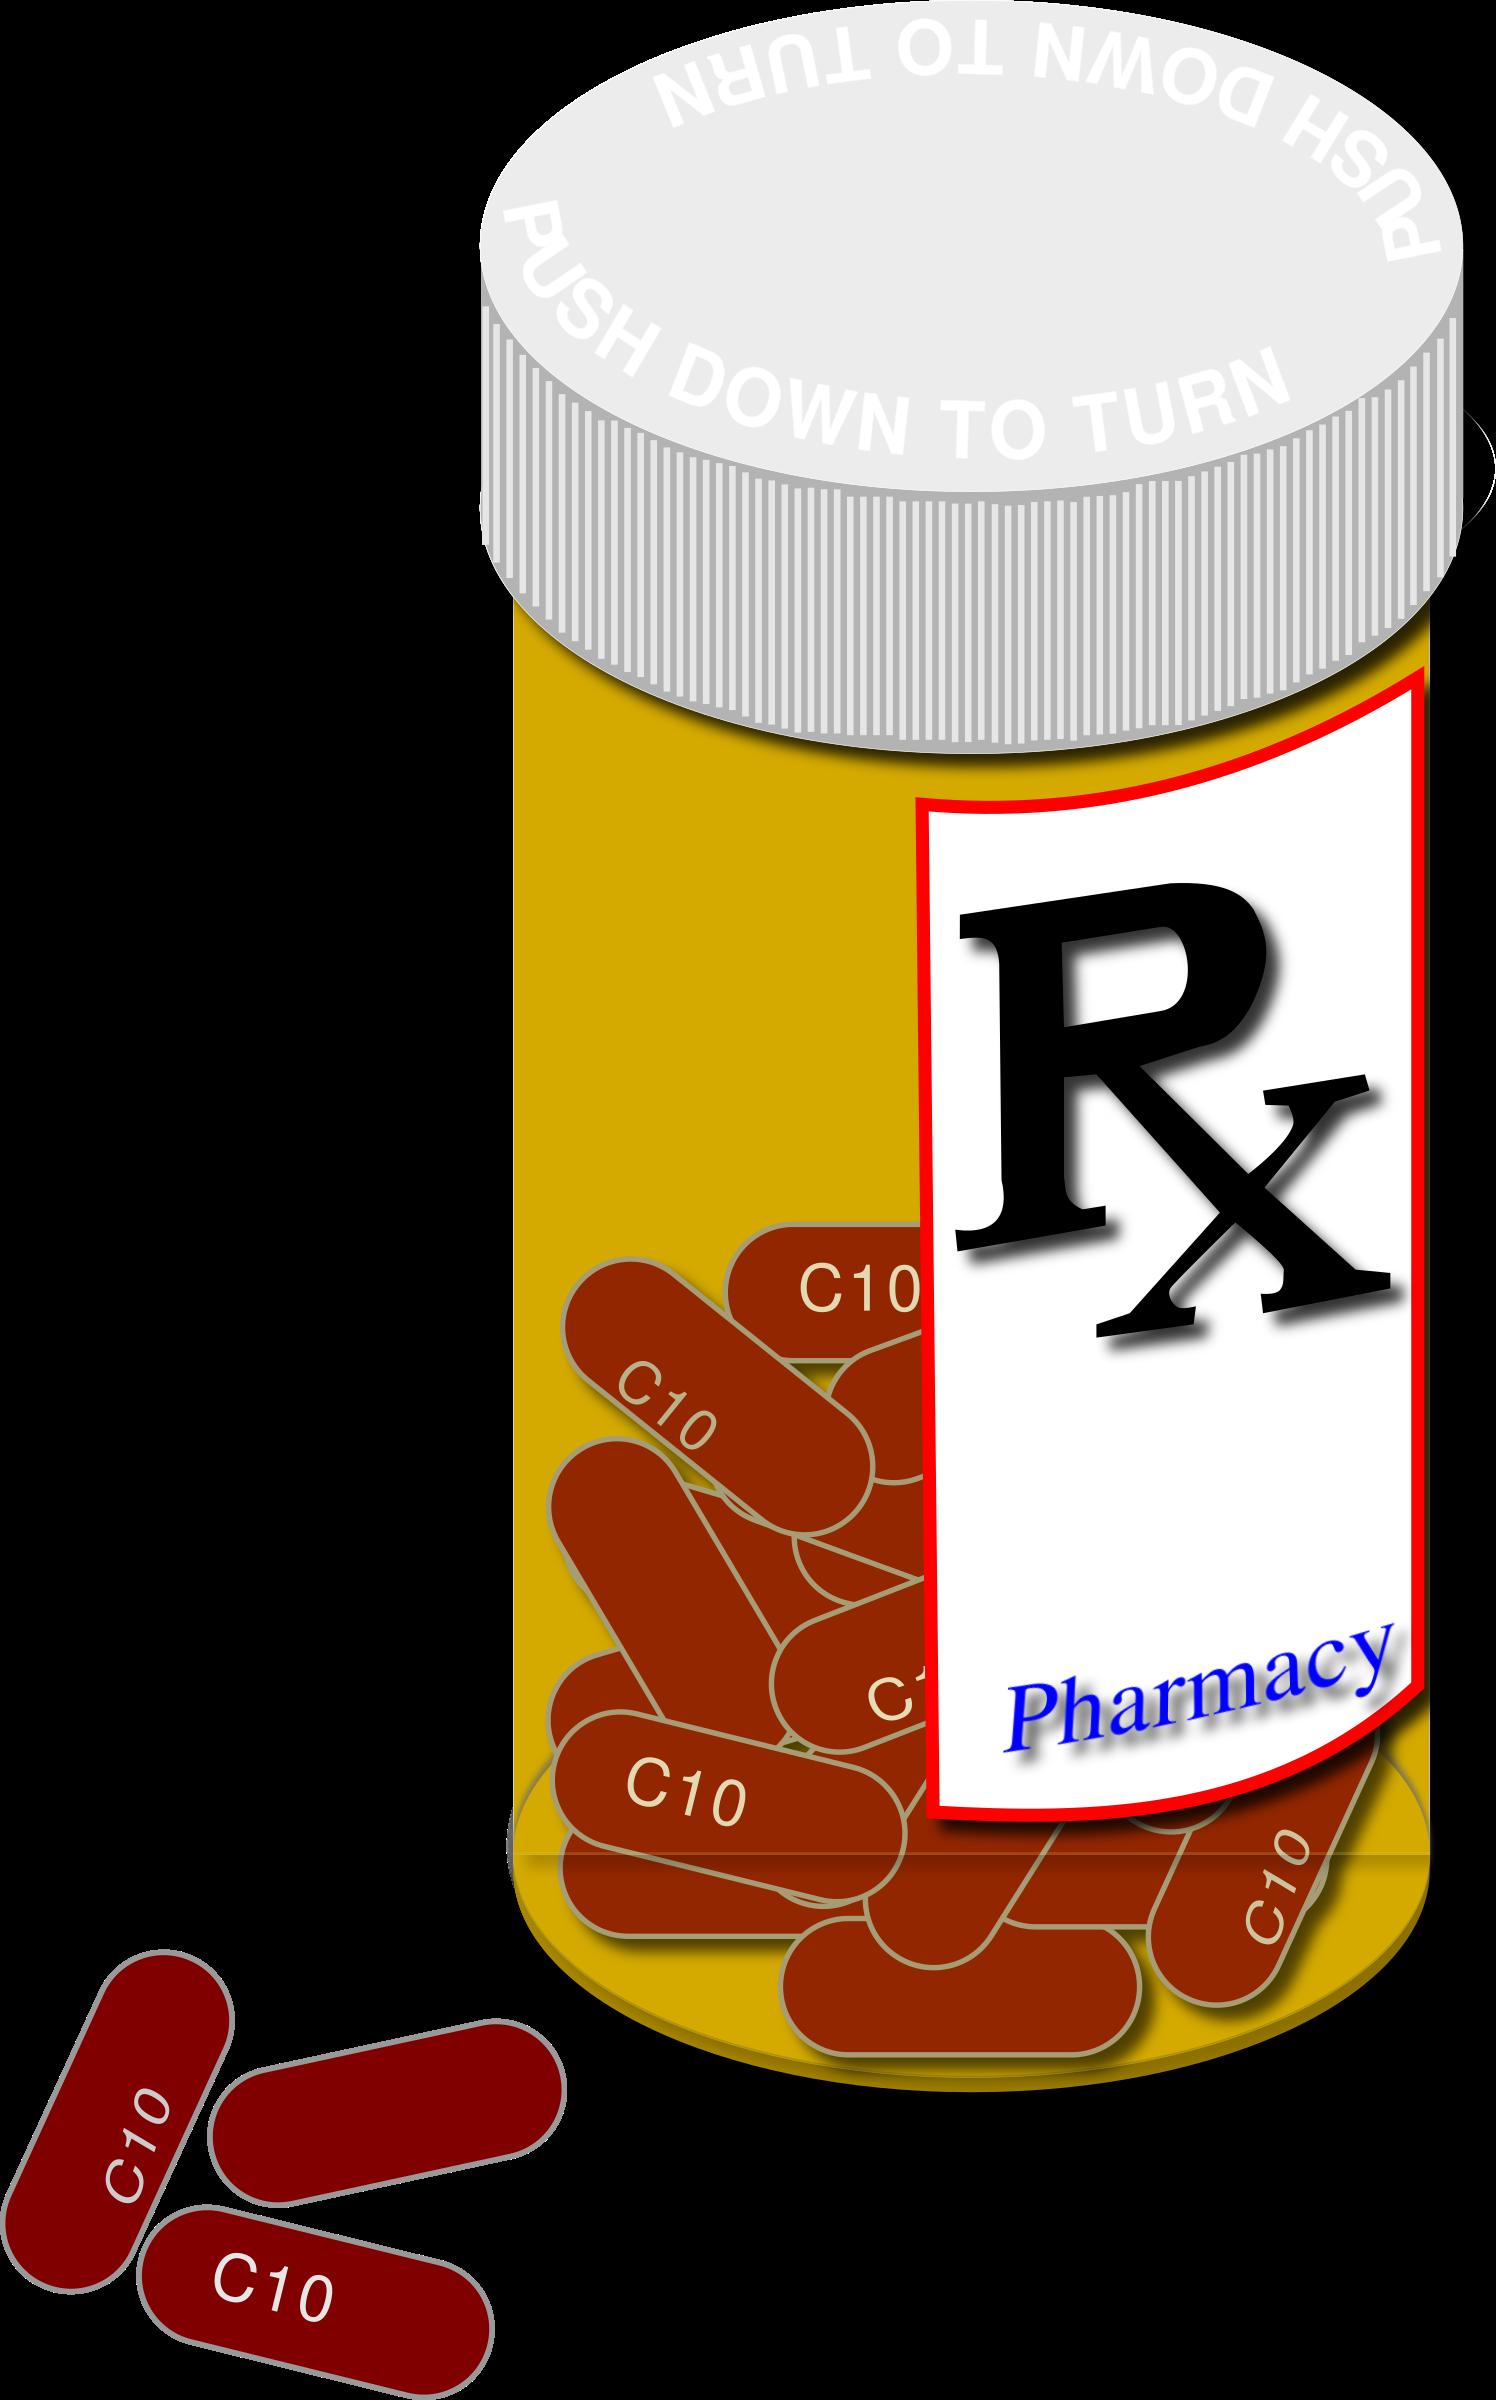 Clipart prescription bottle and pills.